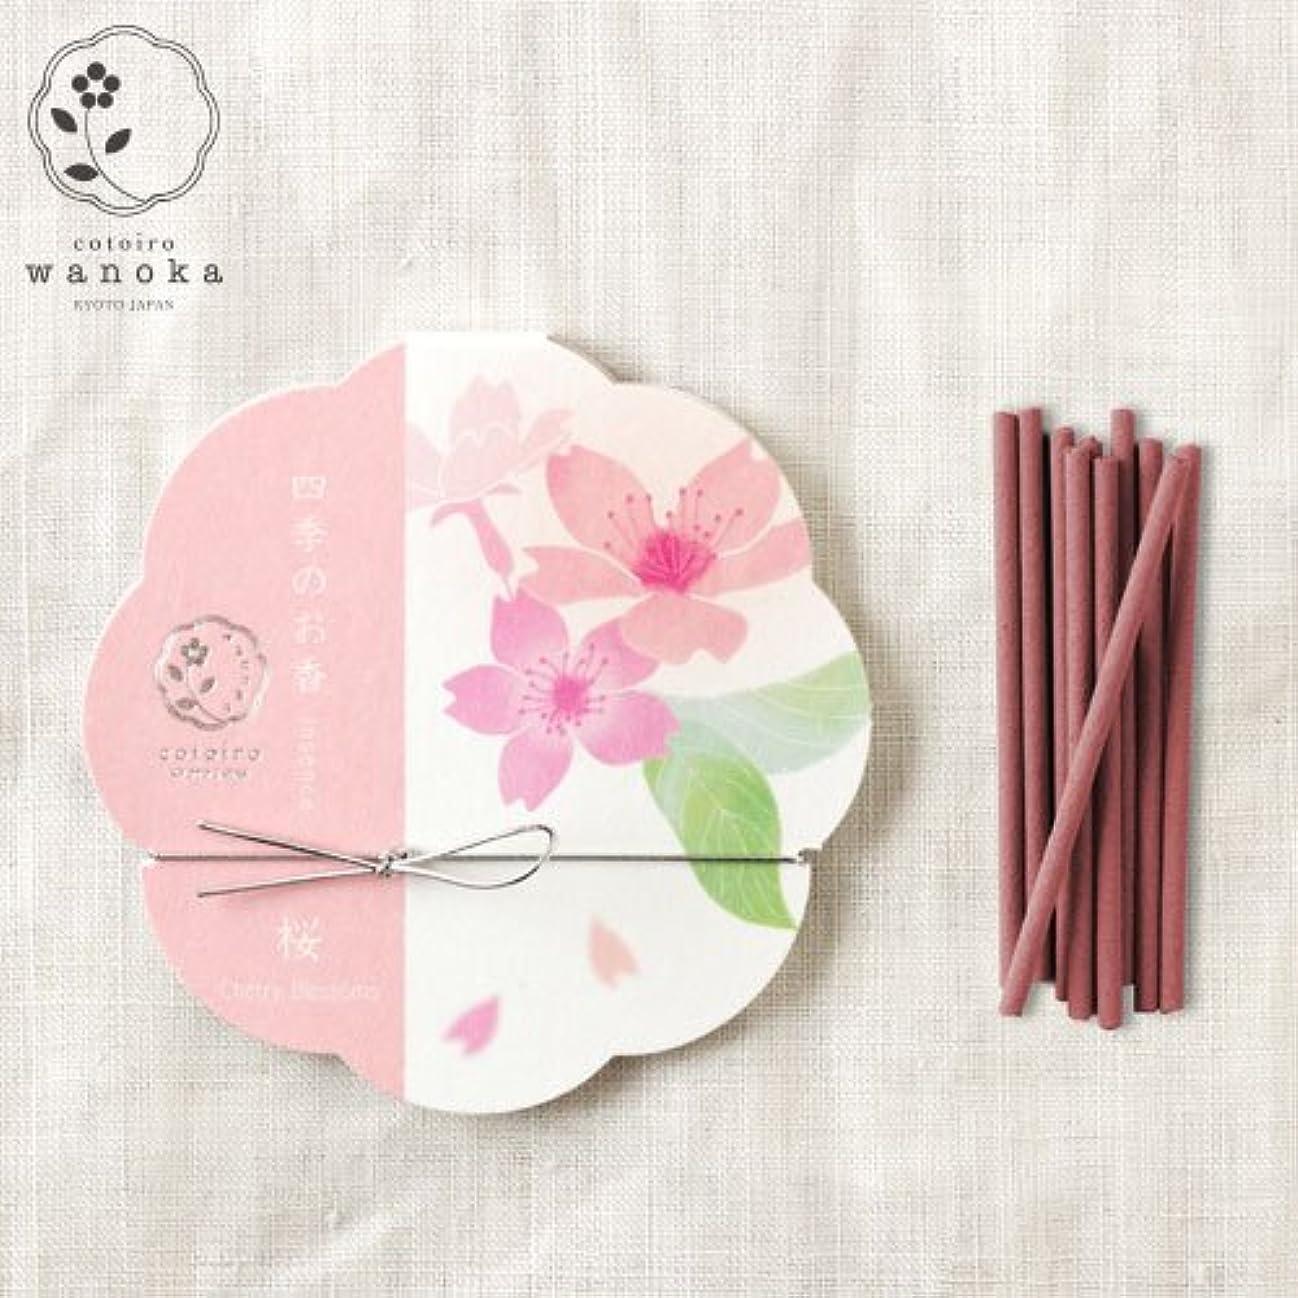 ナサニエル区同志半島wanoka四季のお香(インセンス)桜《桜をイメージした甘い香り》ART LABIncense stick